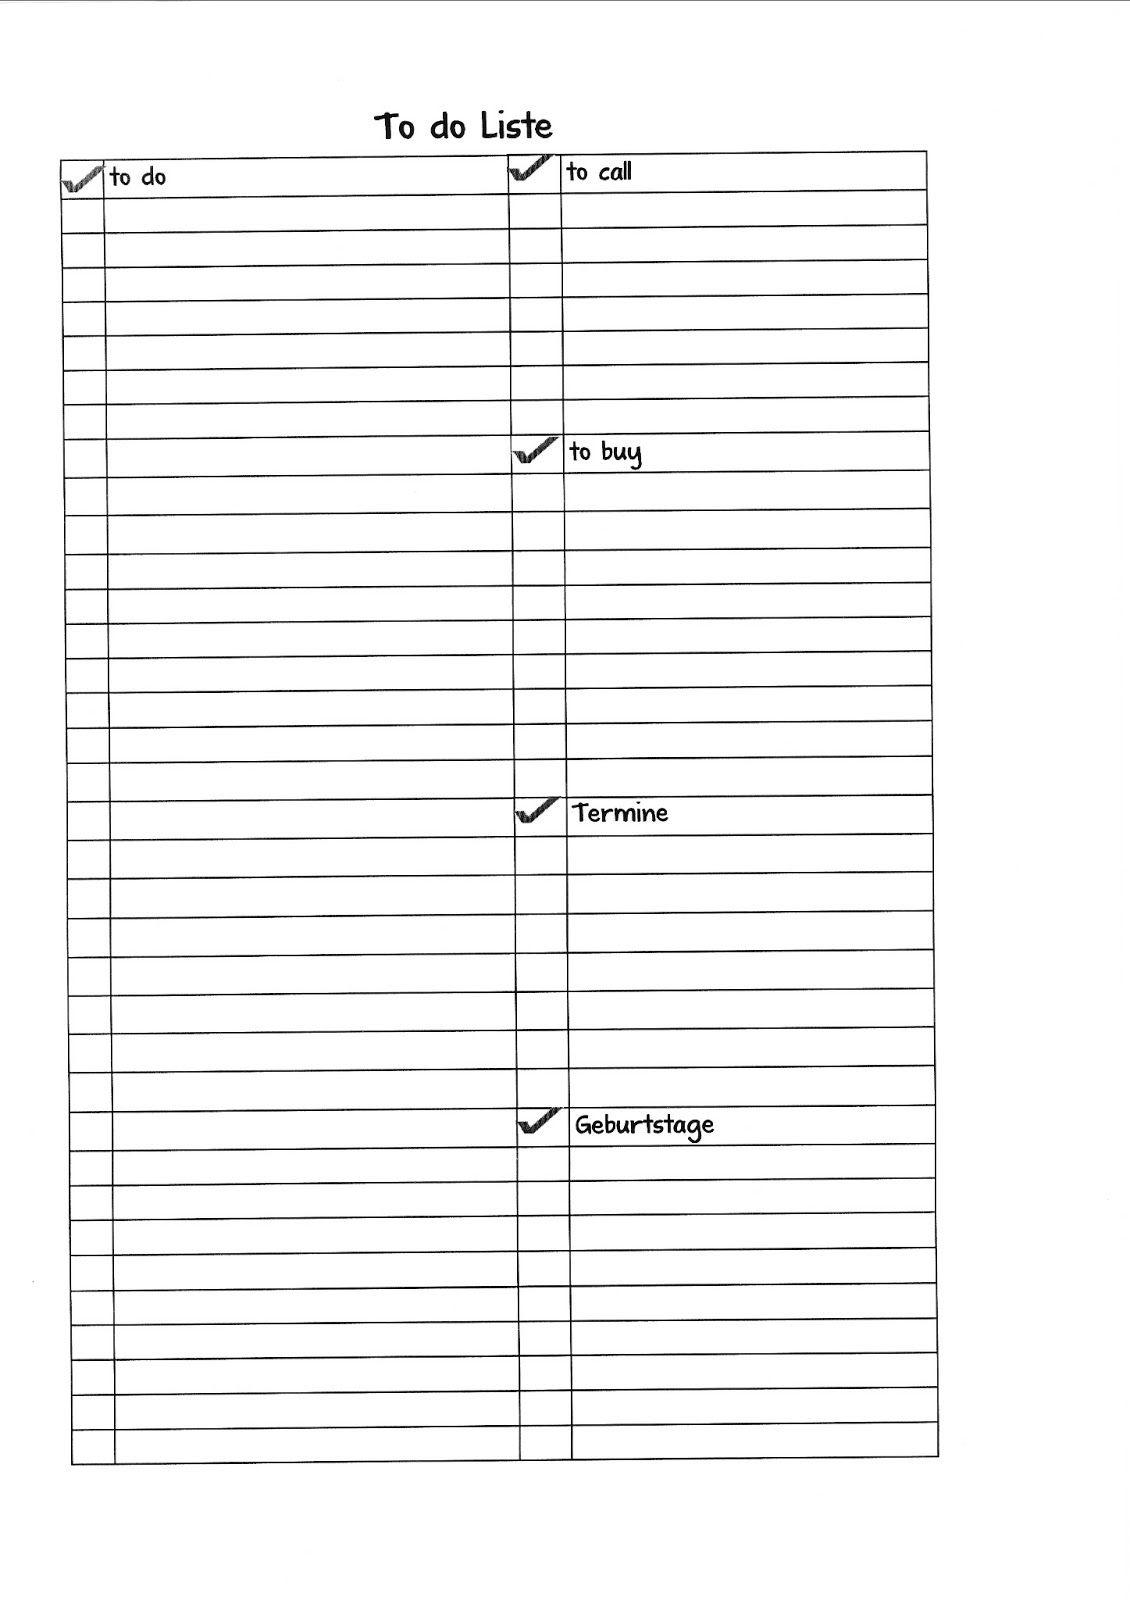 Familienplaner 2, To Do Liste, Wöchentliche TO DO Liste und ...